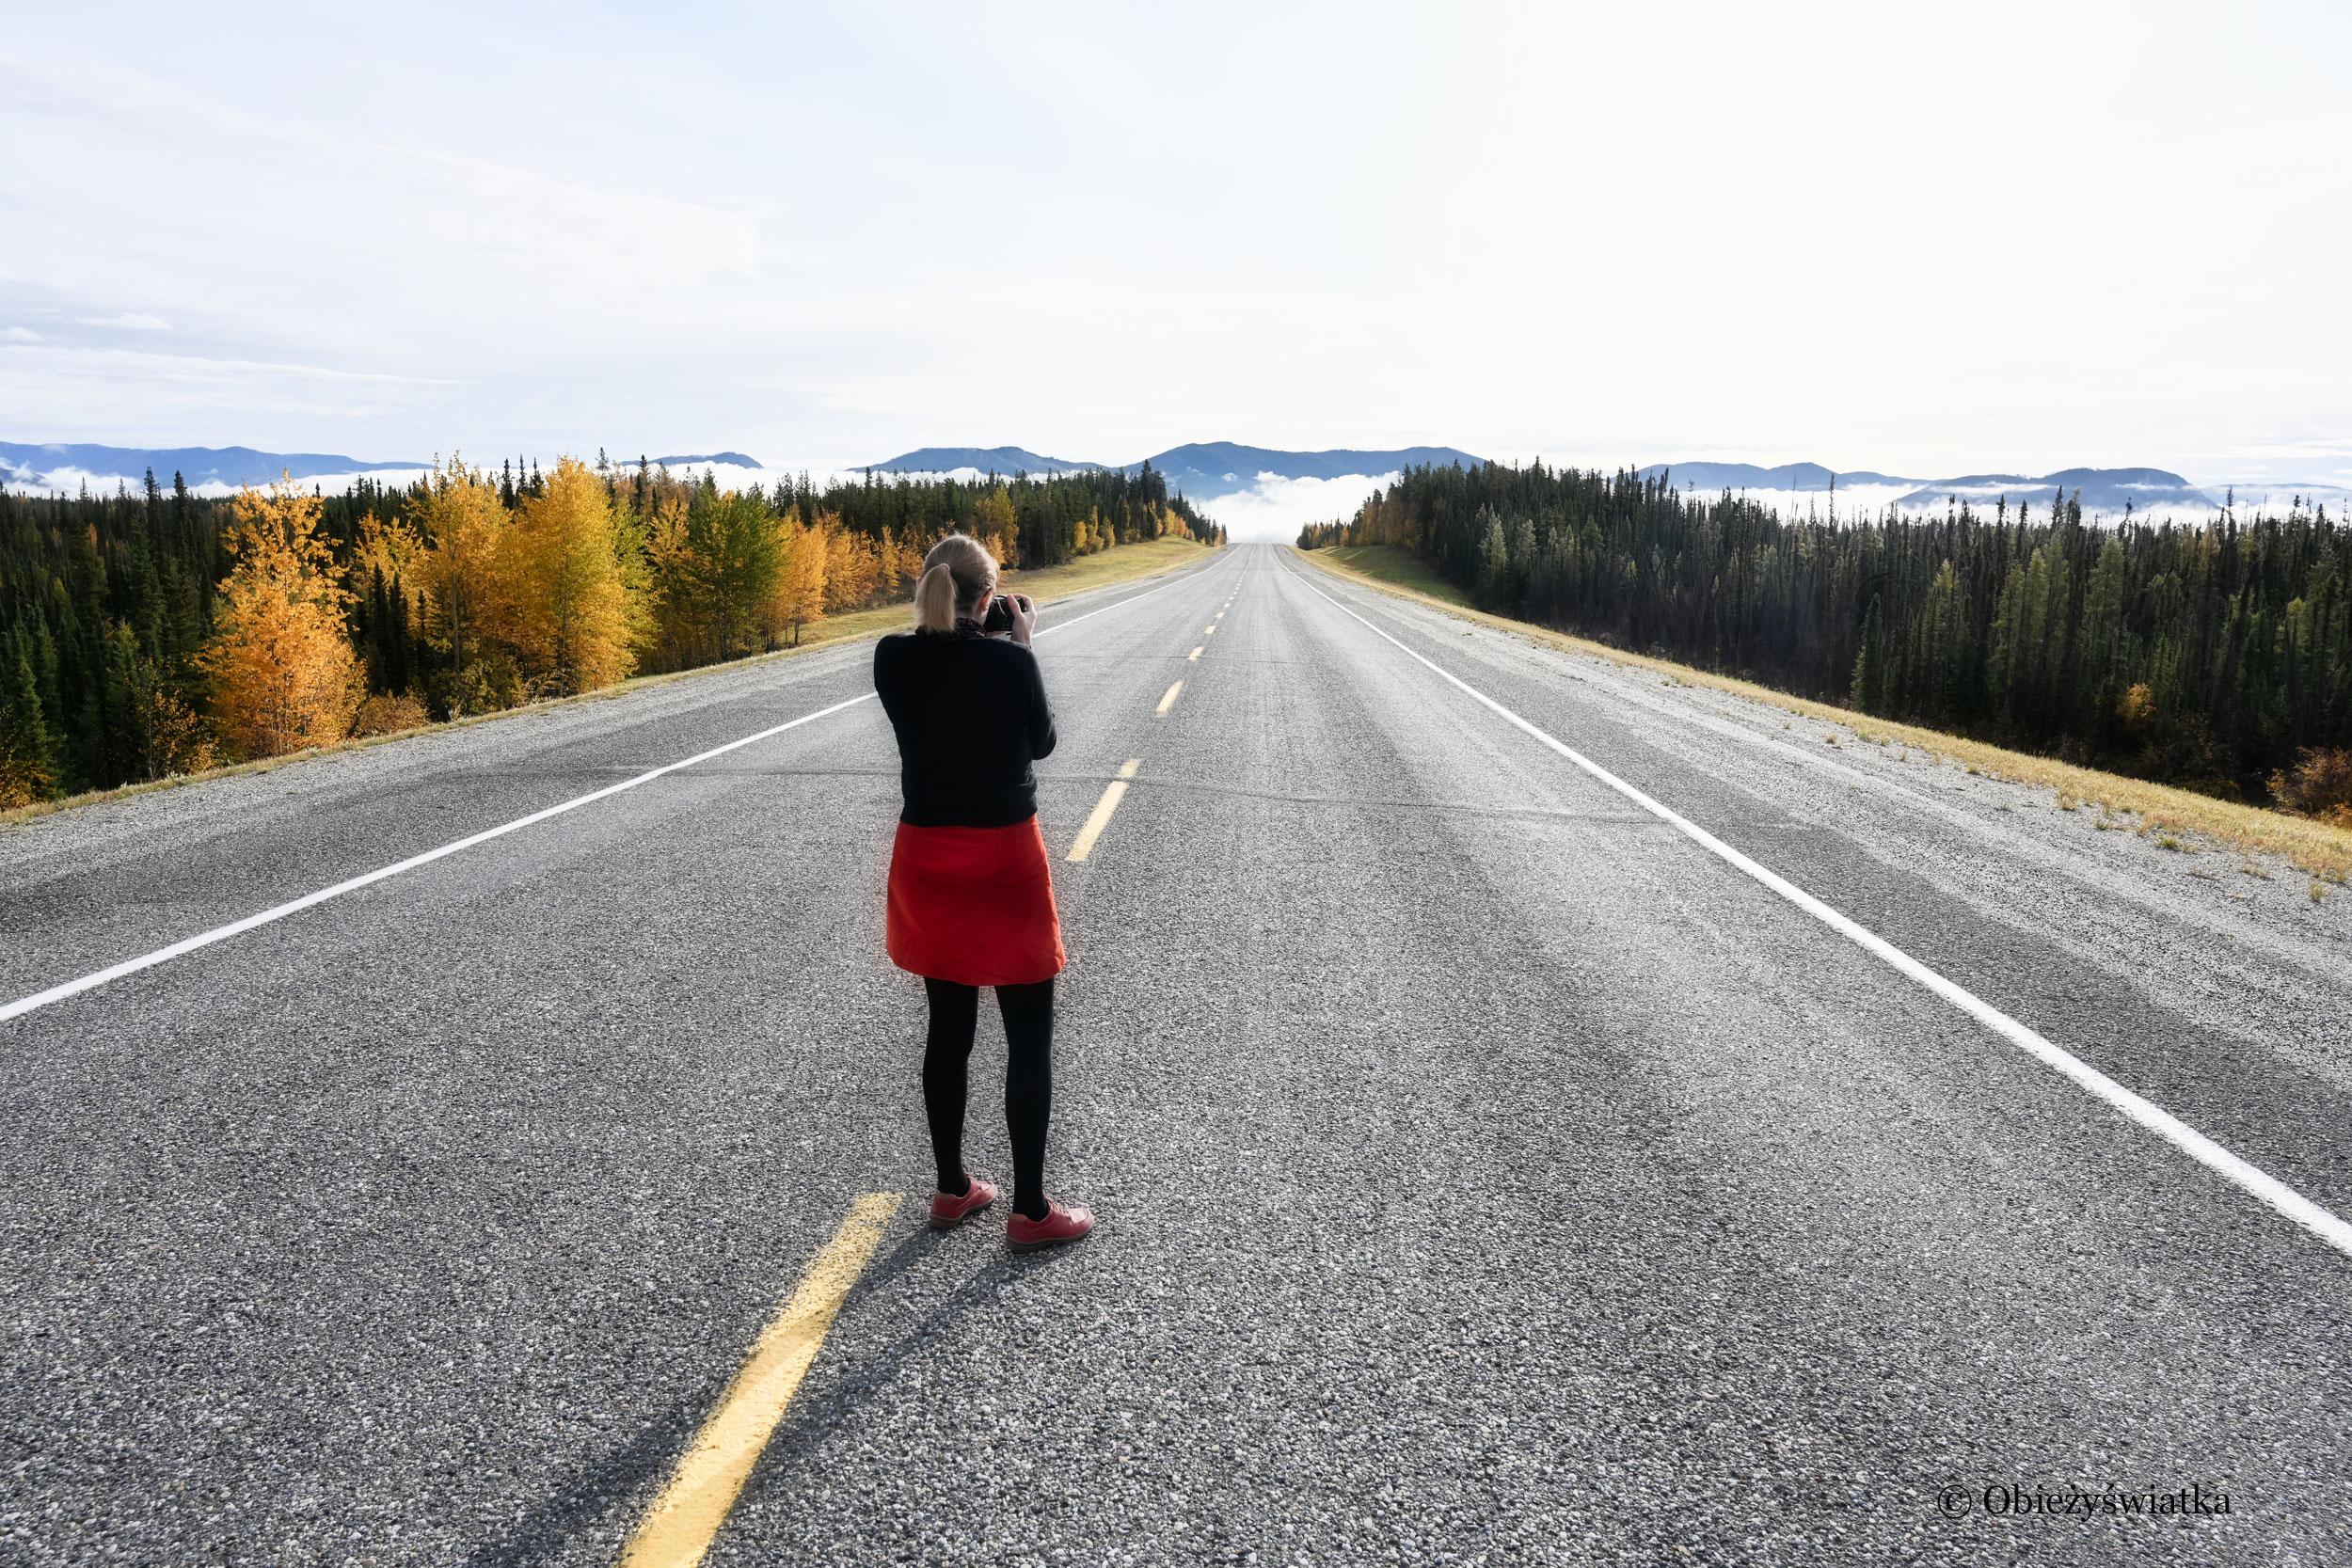 Kanada - Alaska Highway